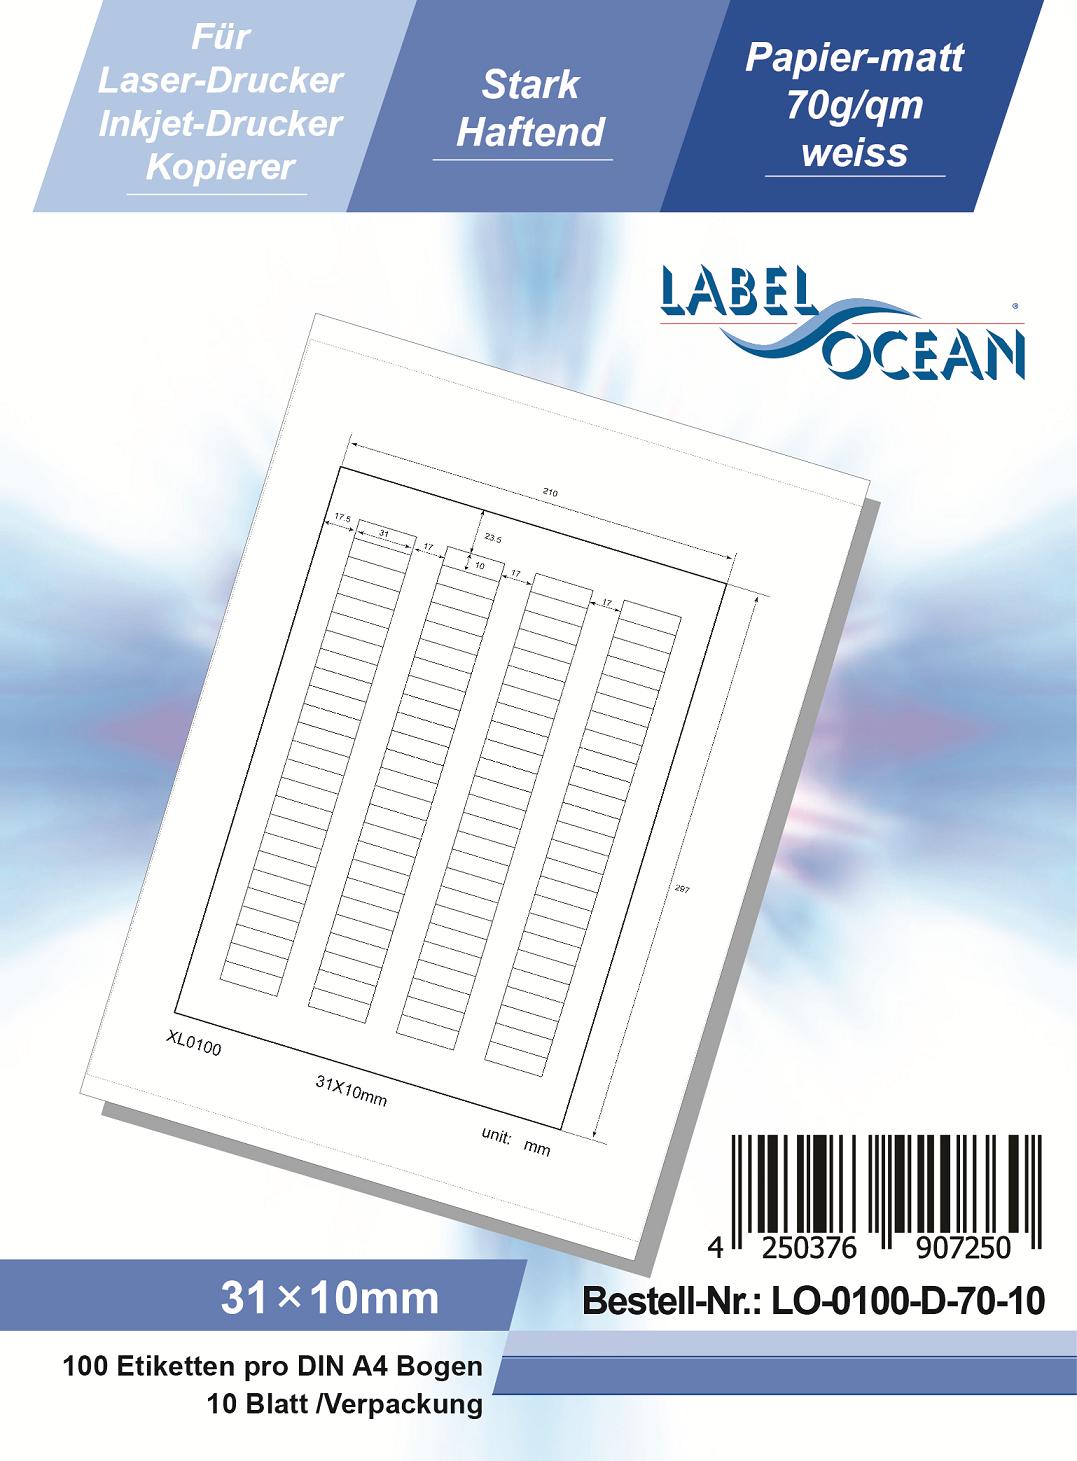 EtikettenWorld BV Fotopapier 10x15 cm 230g//qm High Glossy und wasserfest